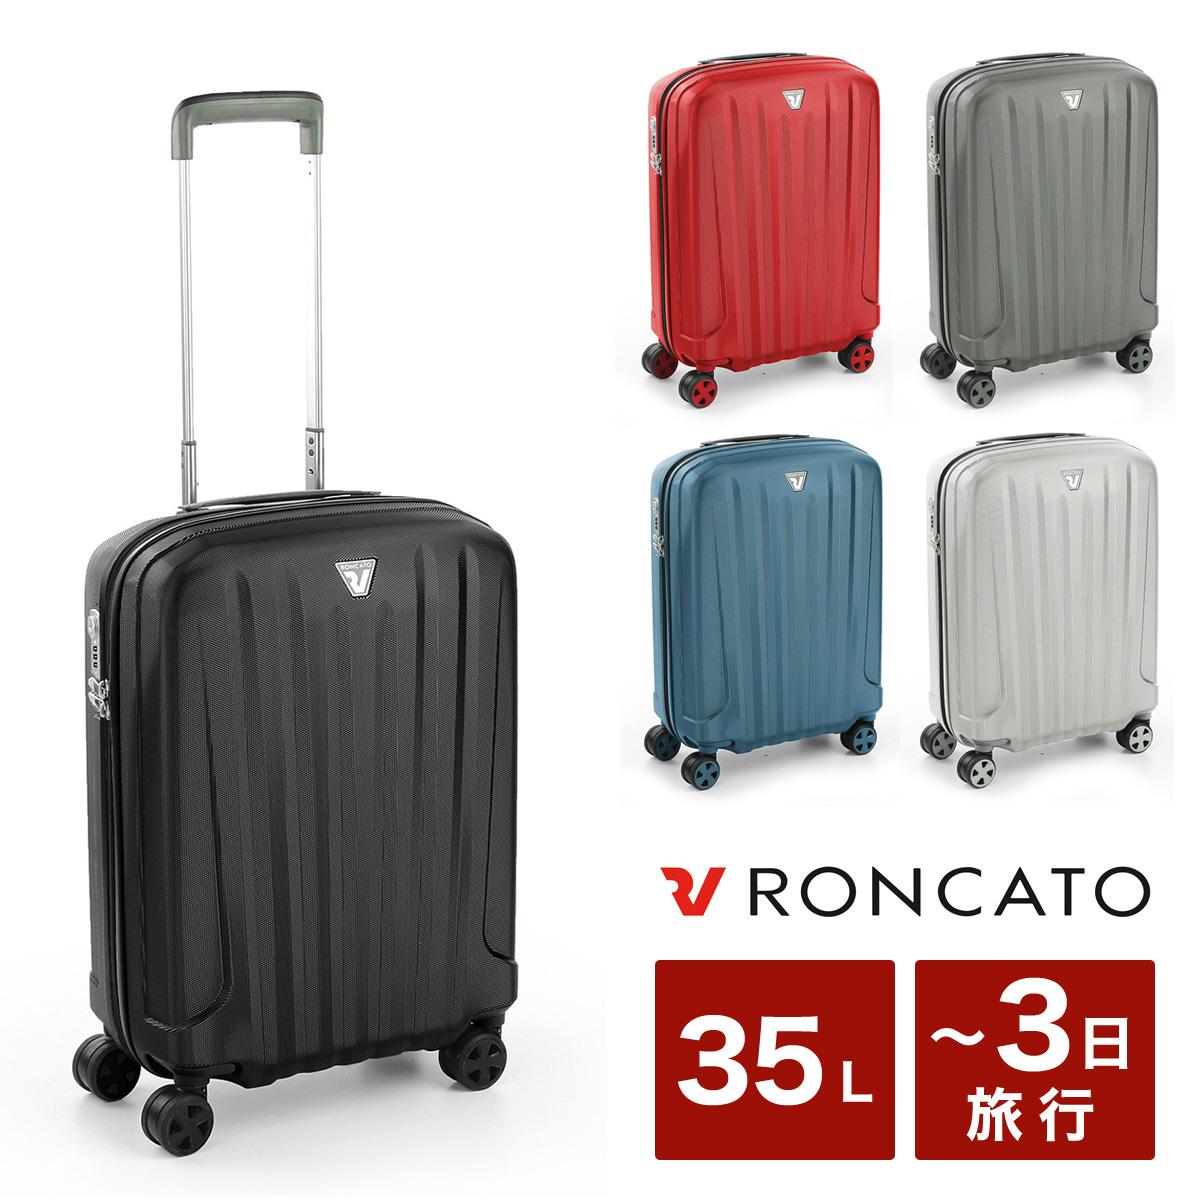 ロンカート スーツケース|機内持ち込み 51cm 5613|軽量 10年保証 ハード ファスナー|TSAロック搭載 ユニカ RONCATO [bef][PO10]